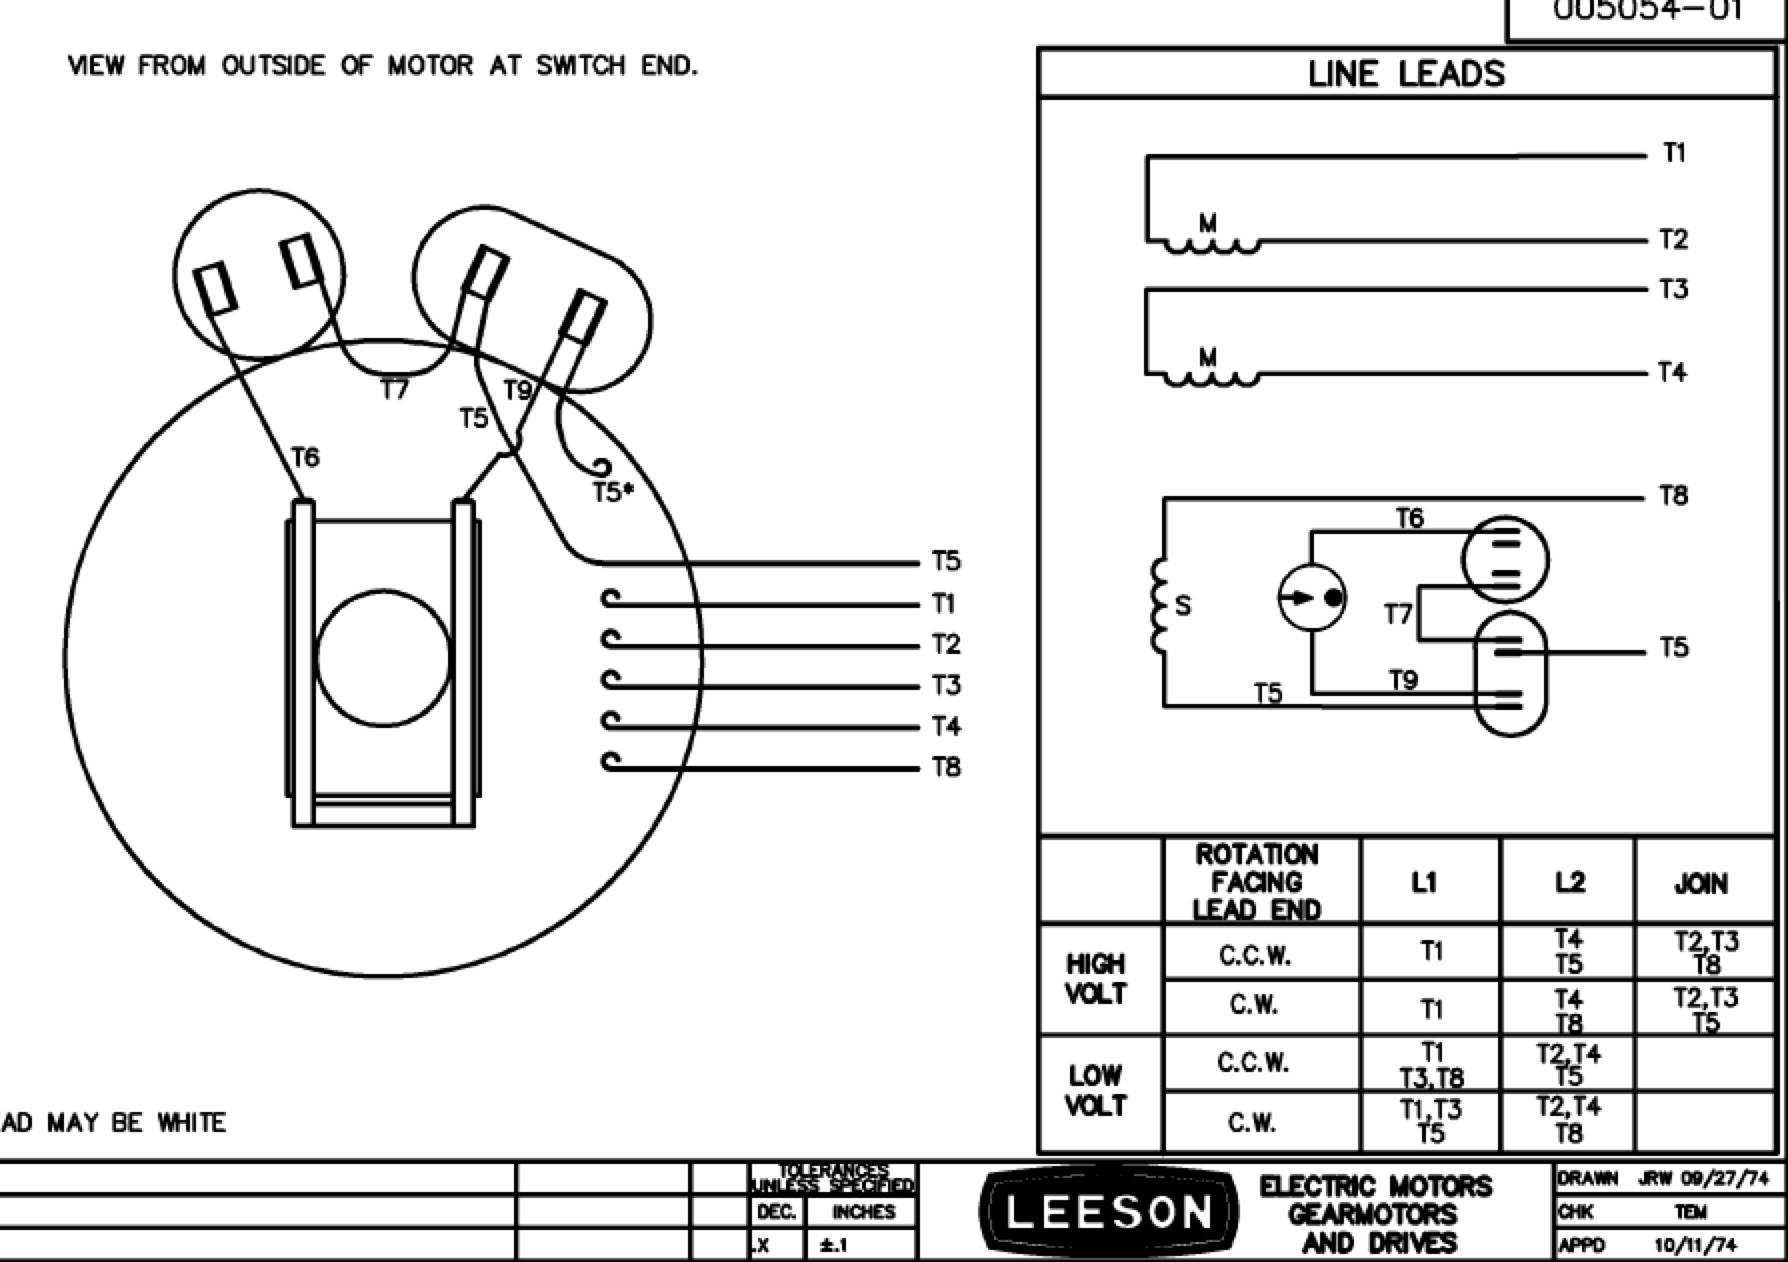 Baldor Reliance Motor Wiring Diagram from detoxicrecenze.com